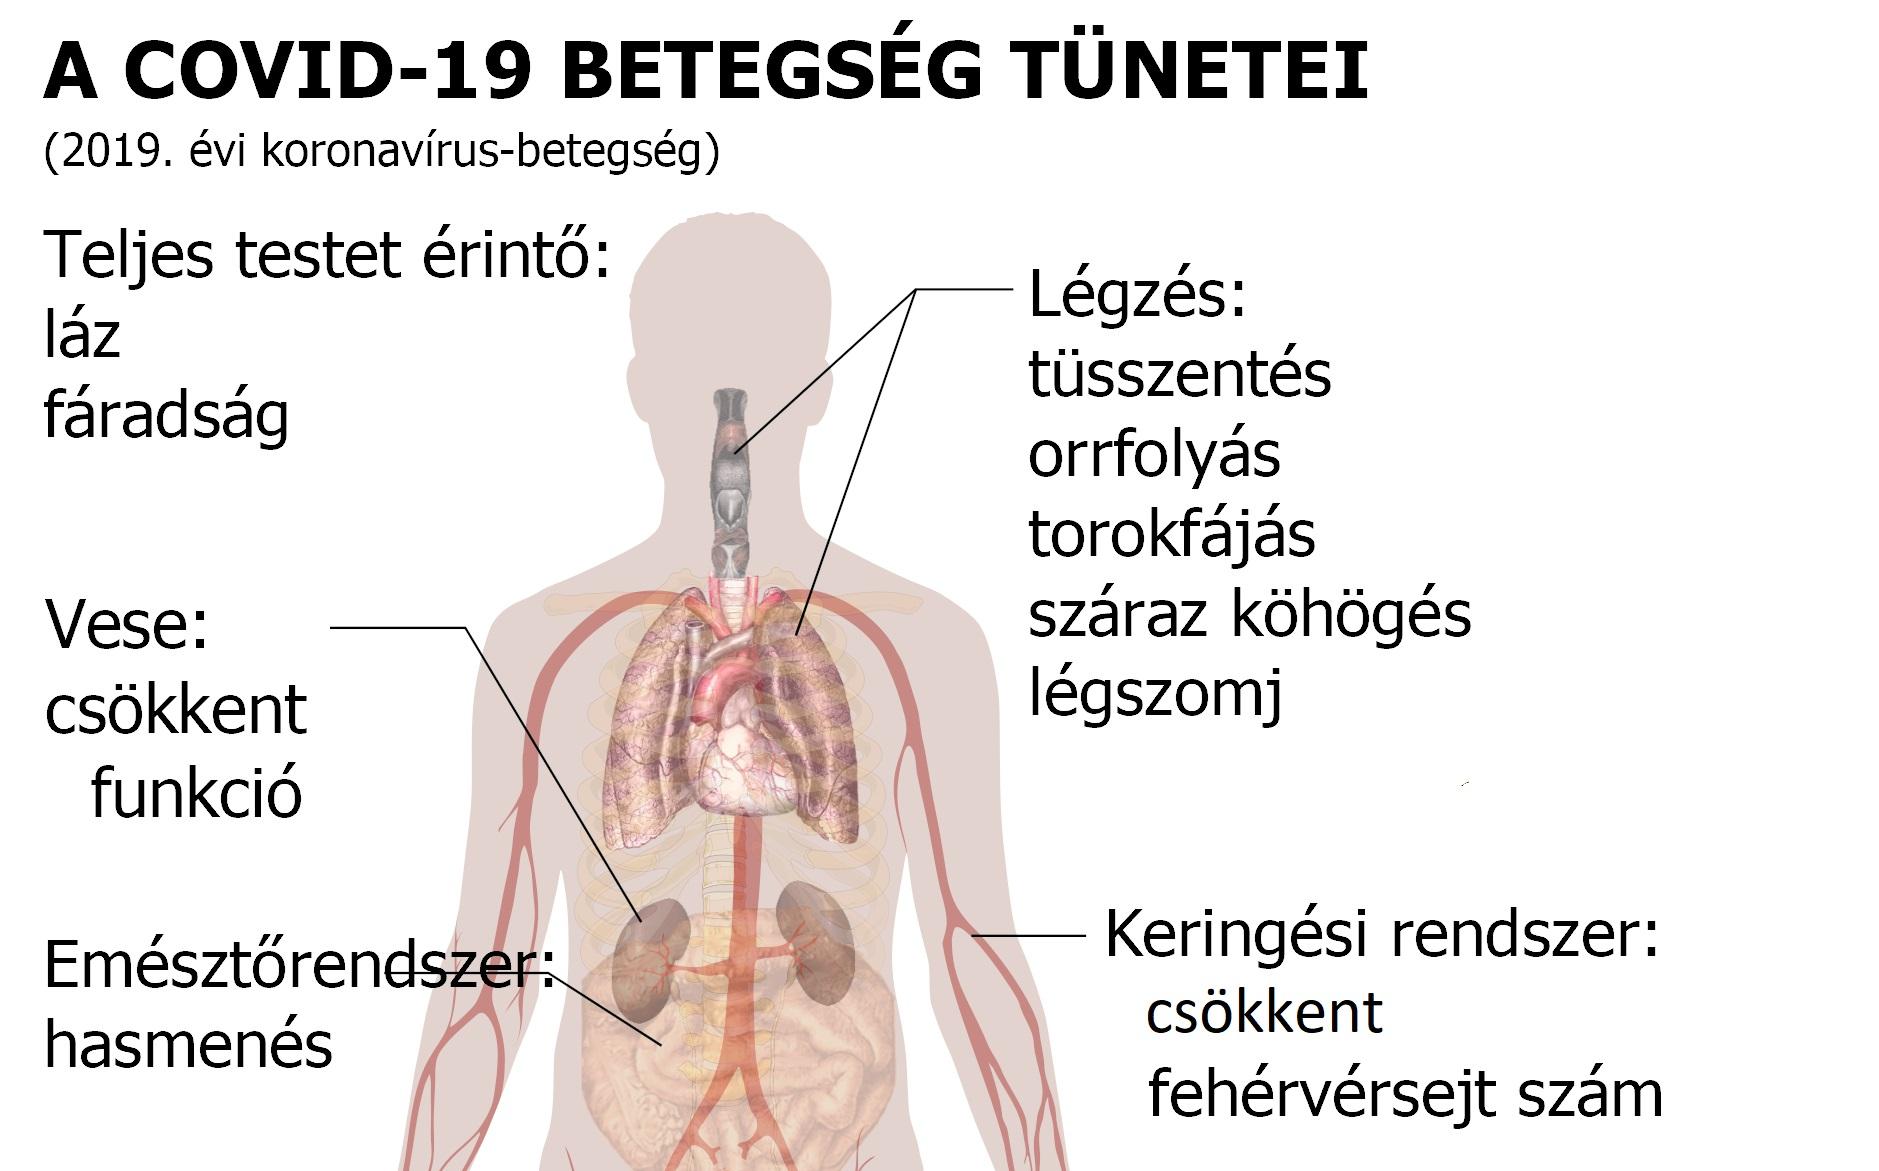 a magas vérnyomás megelőző intézkedései